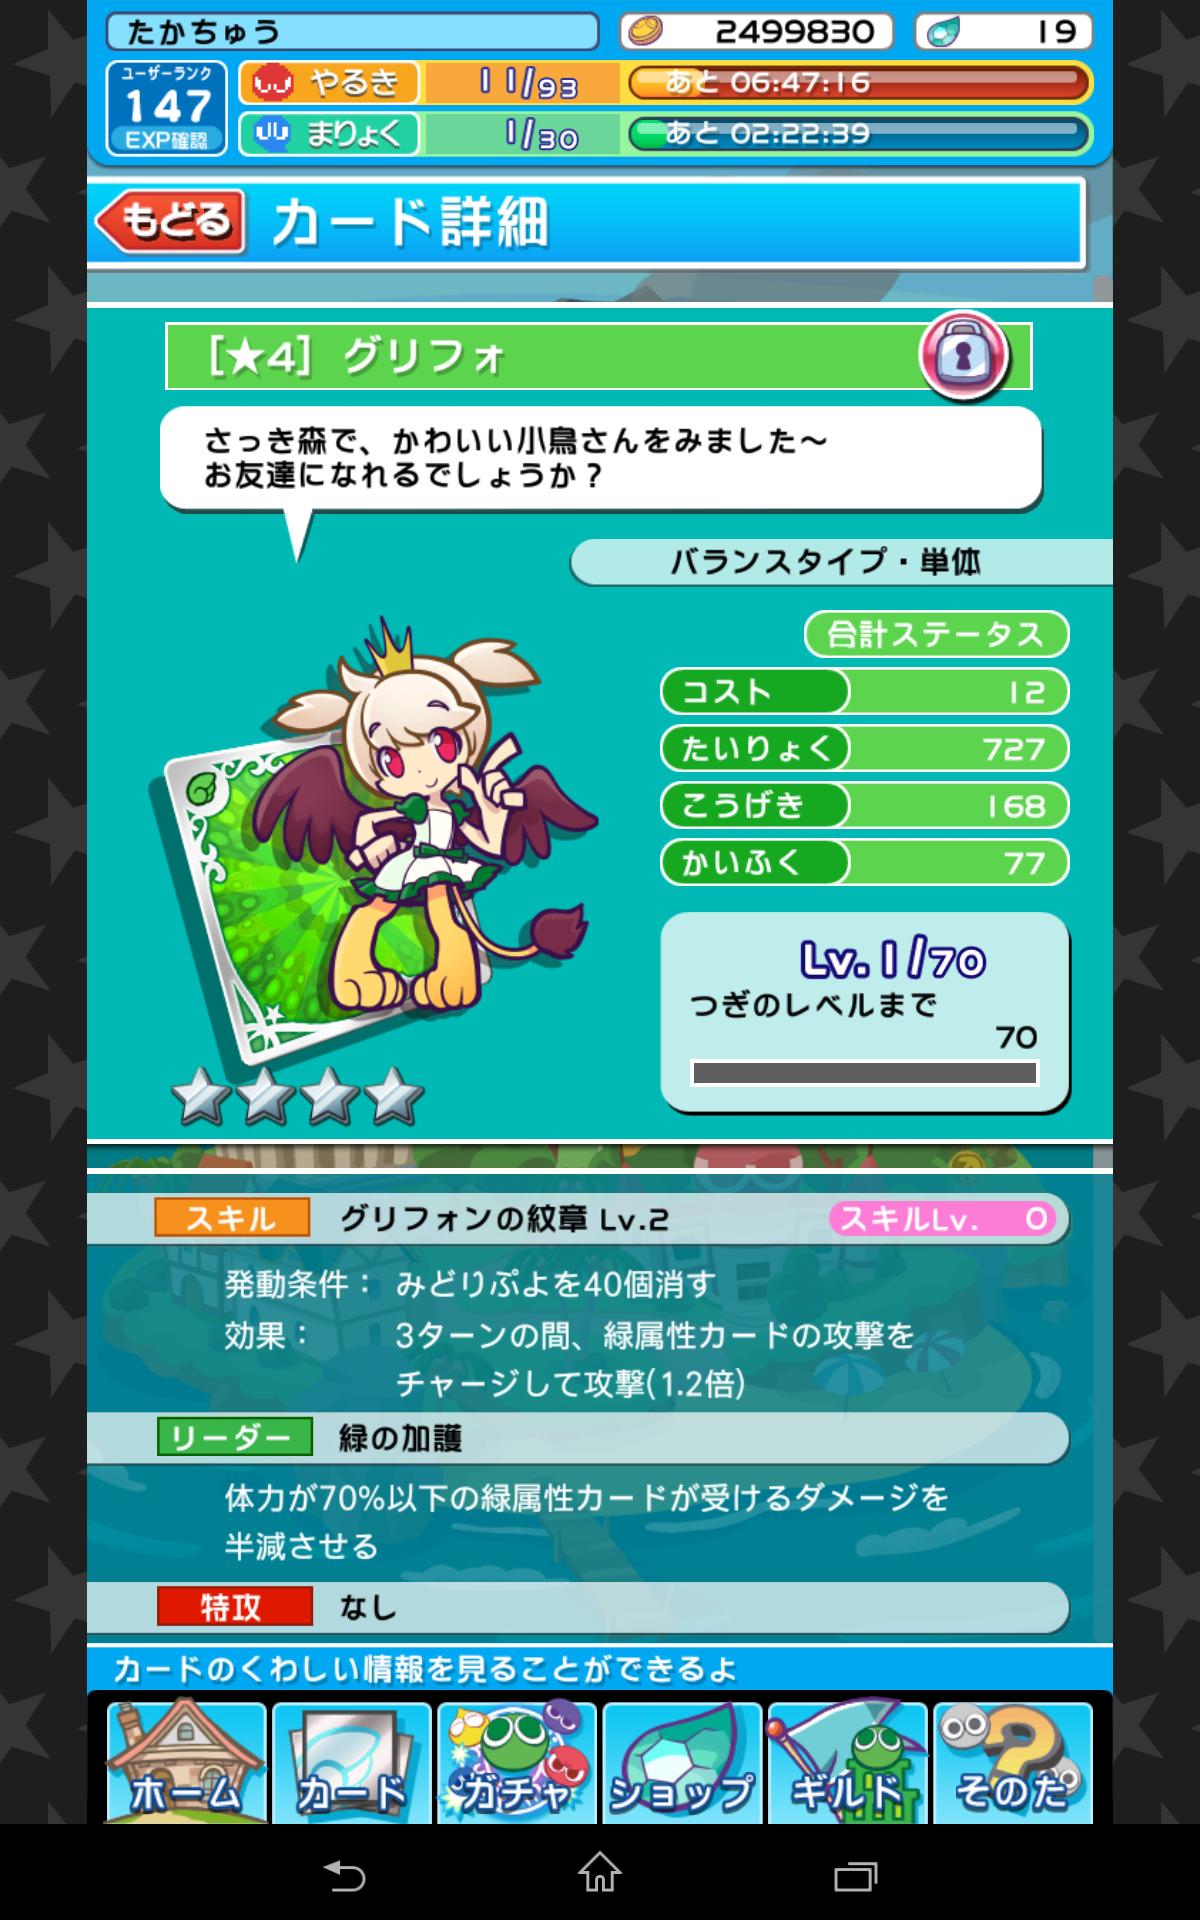 (150411) ぷよクエ-グリフォ2